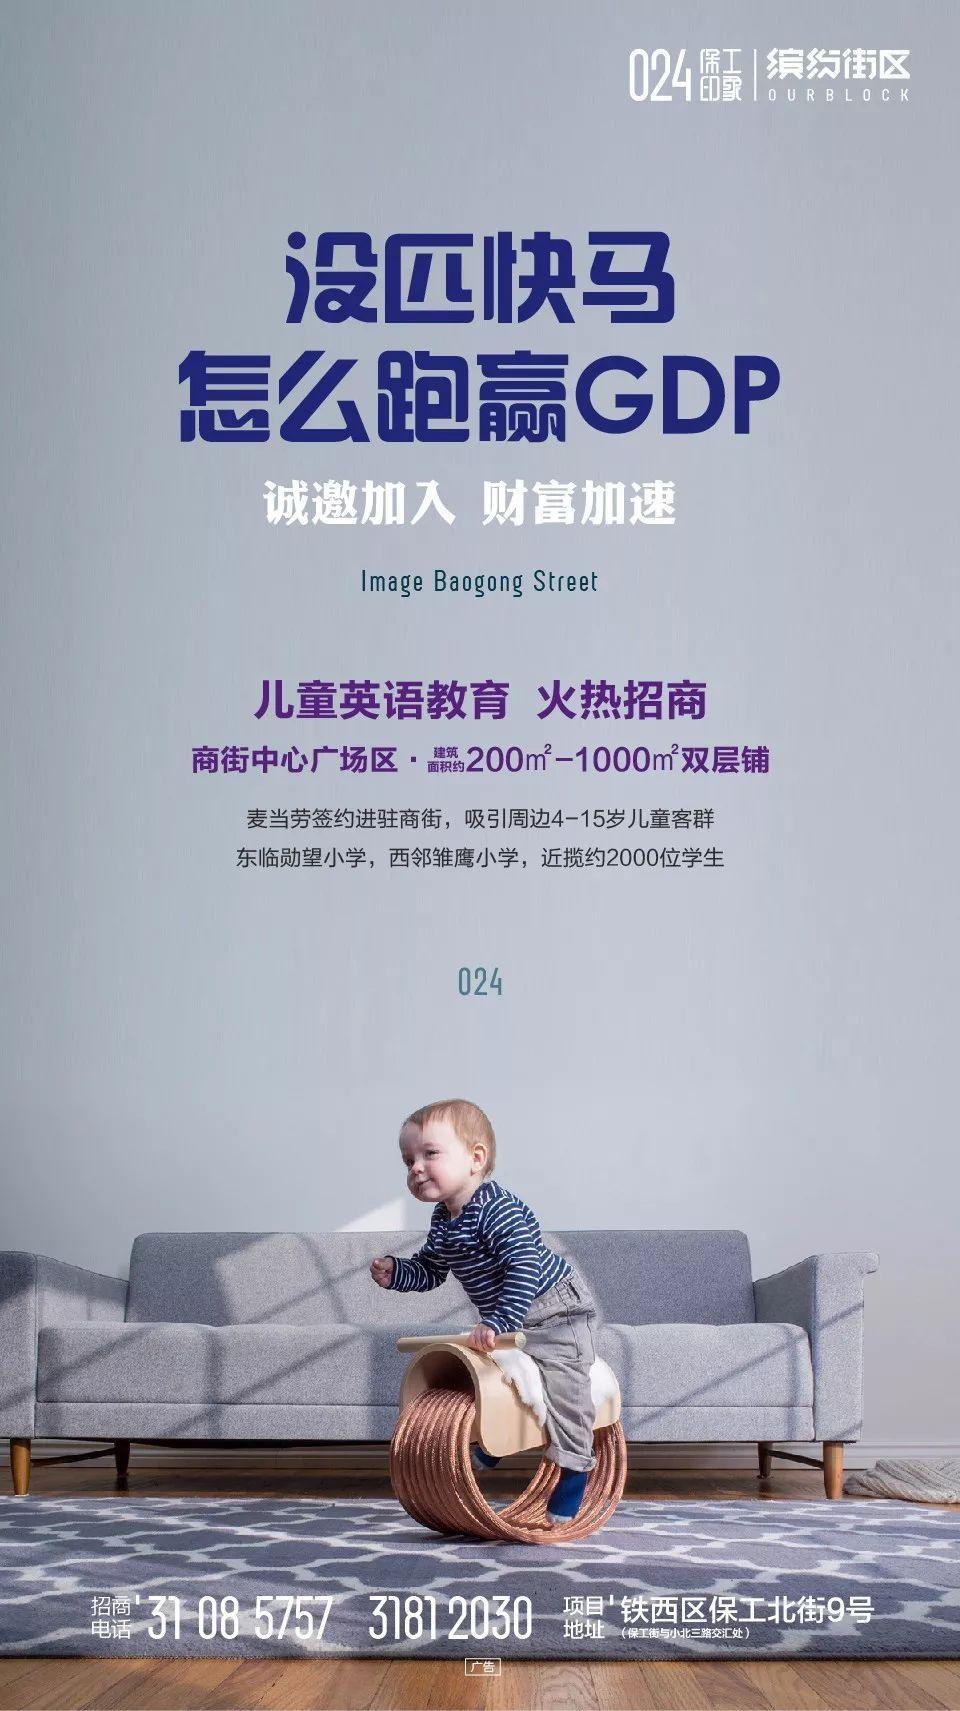 铁西区gdp_沈阳铁西区经济开发区万科中德国际社区效果图15(3)